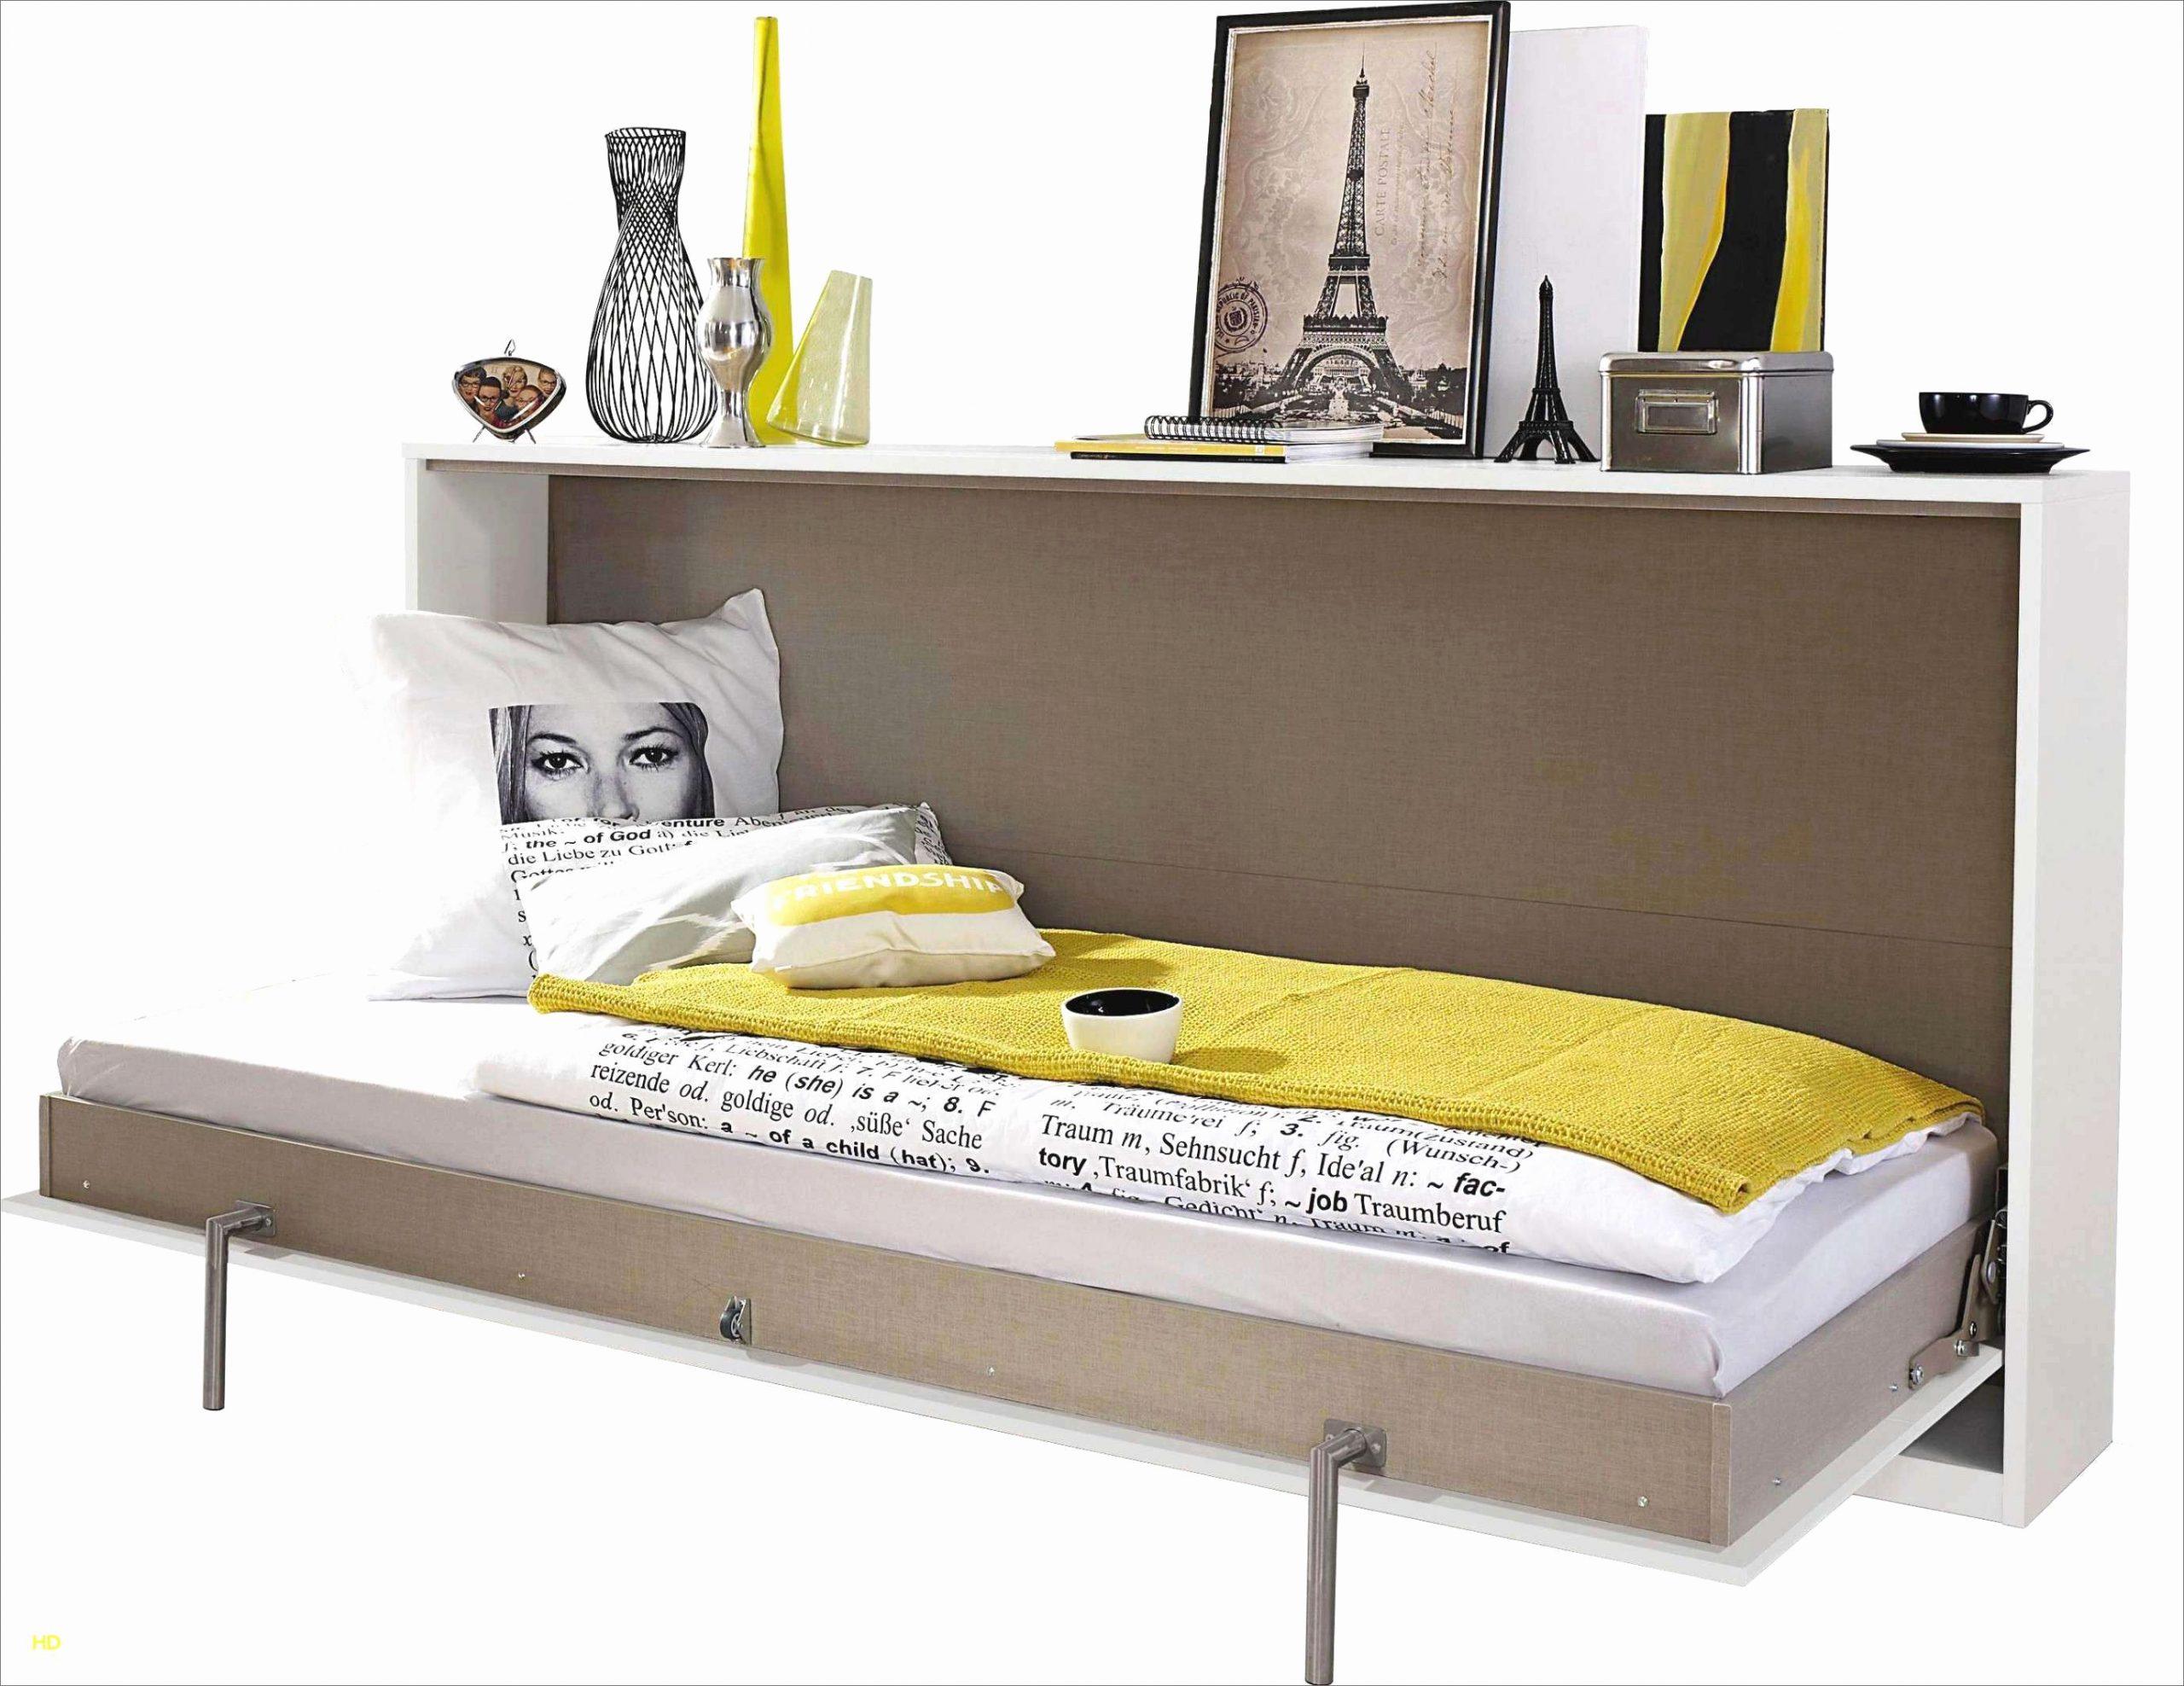 Full Size of Ikea Raumteiler Modulküche Küche Kaufen Betten 160x200 Miniküche Bei Kosten Regal Sofa Mit Schlaffunktion Wohnzimmer Ikea Raumteiler